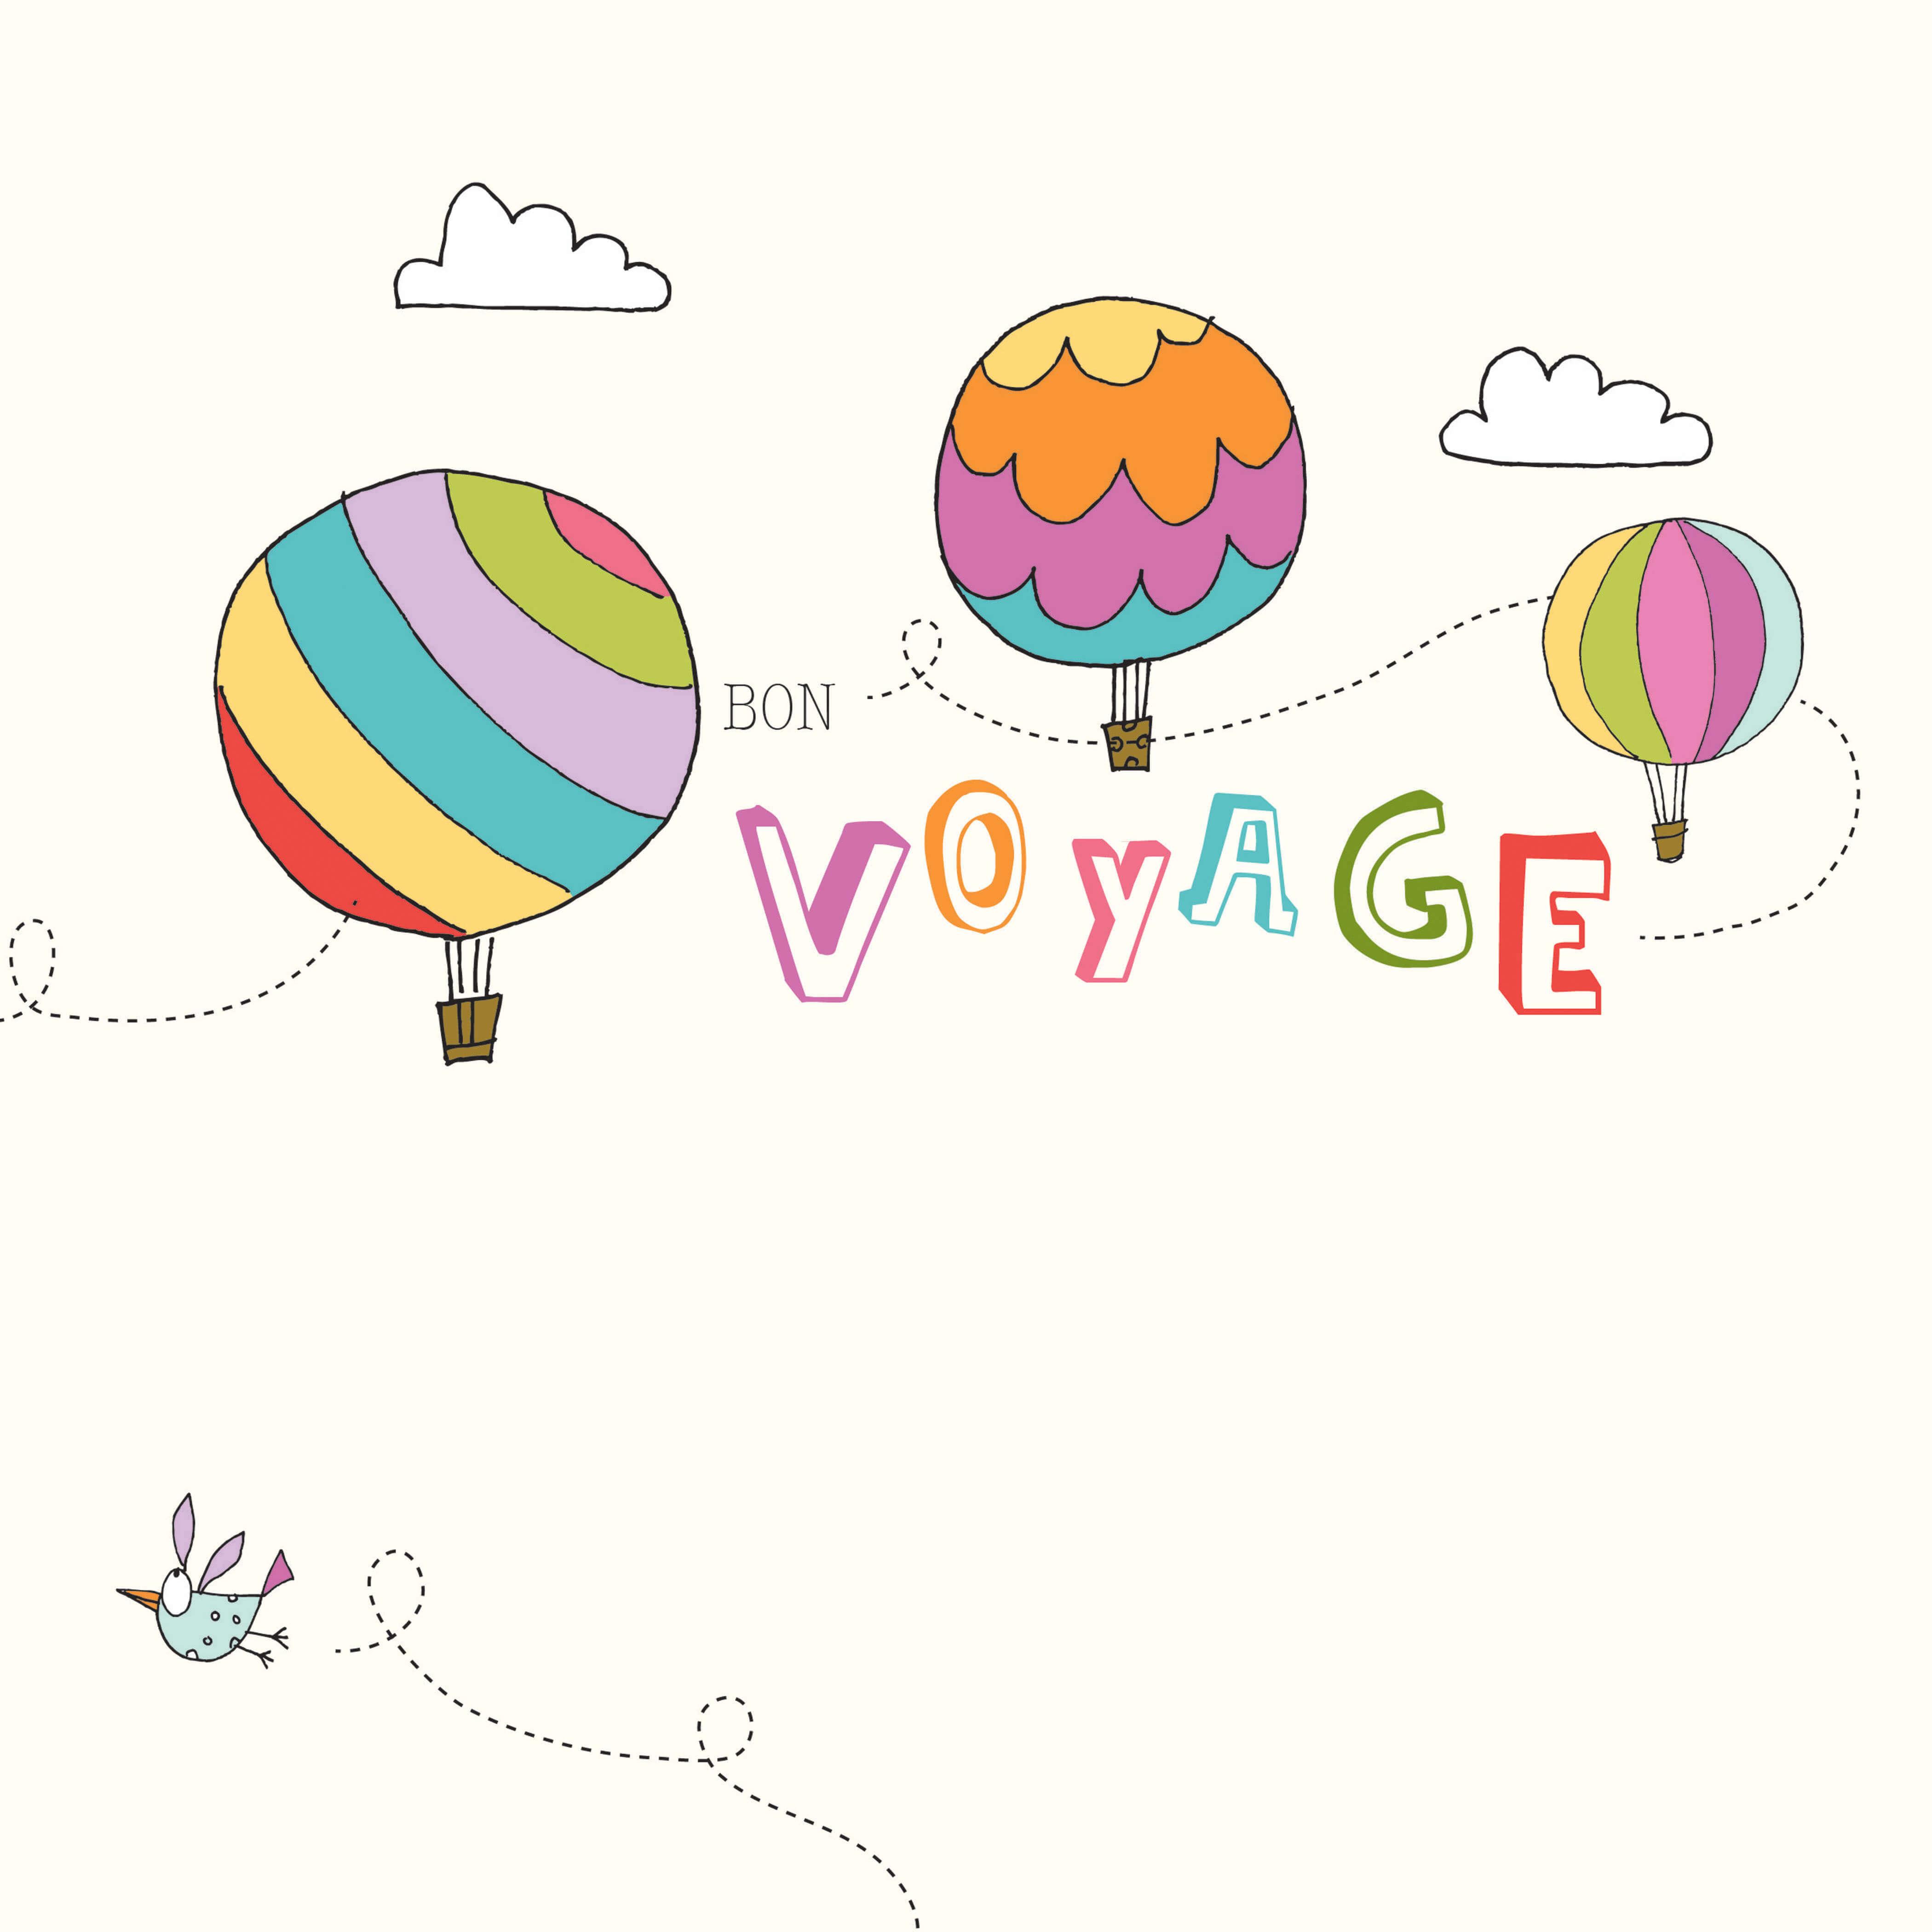 Free Printable Bon Voyage Cards   Mult Igry Regarding Bon Voyage Card Template